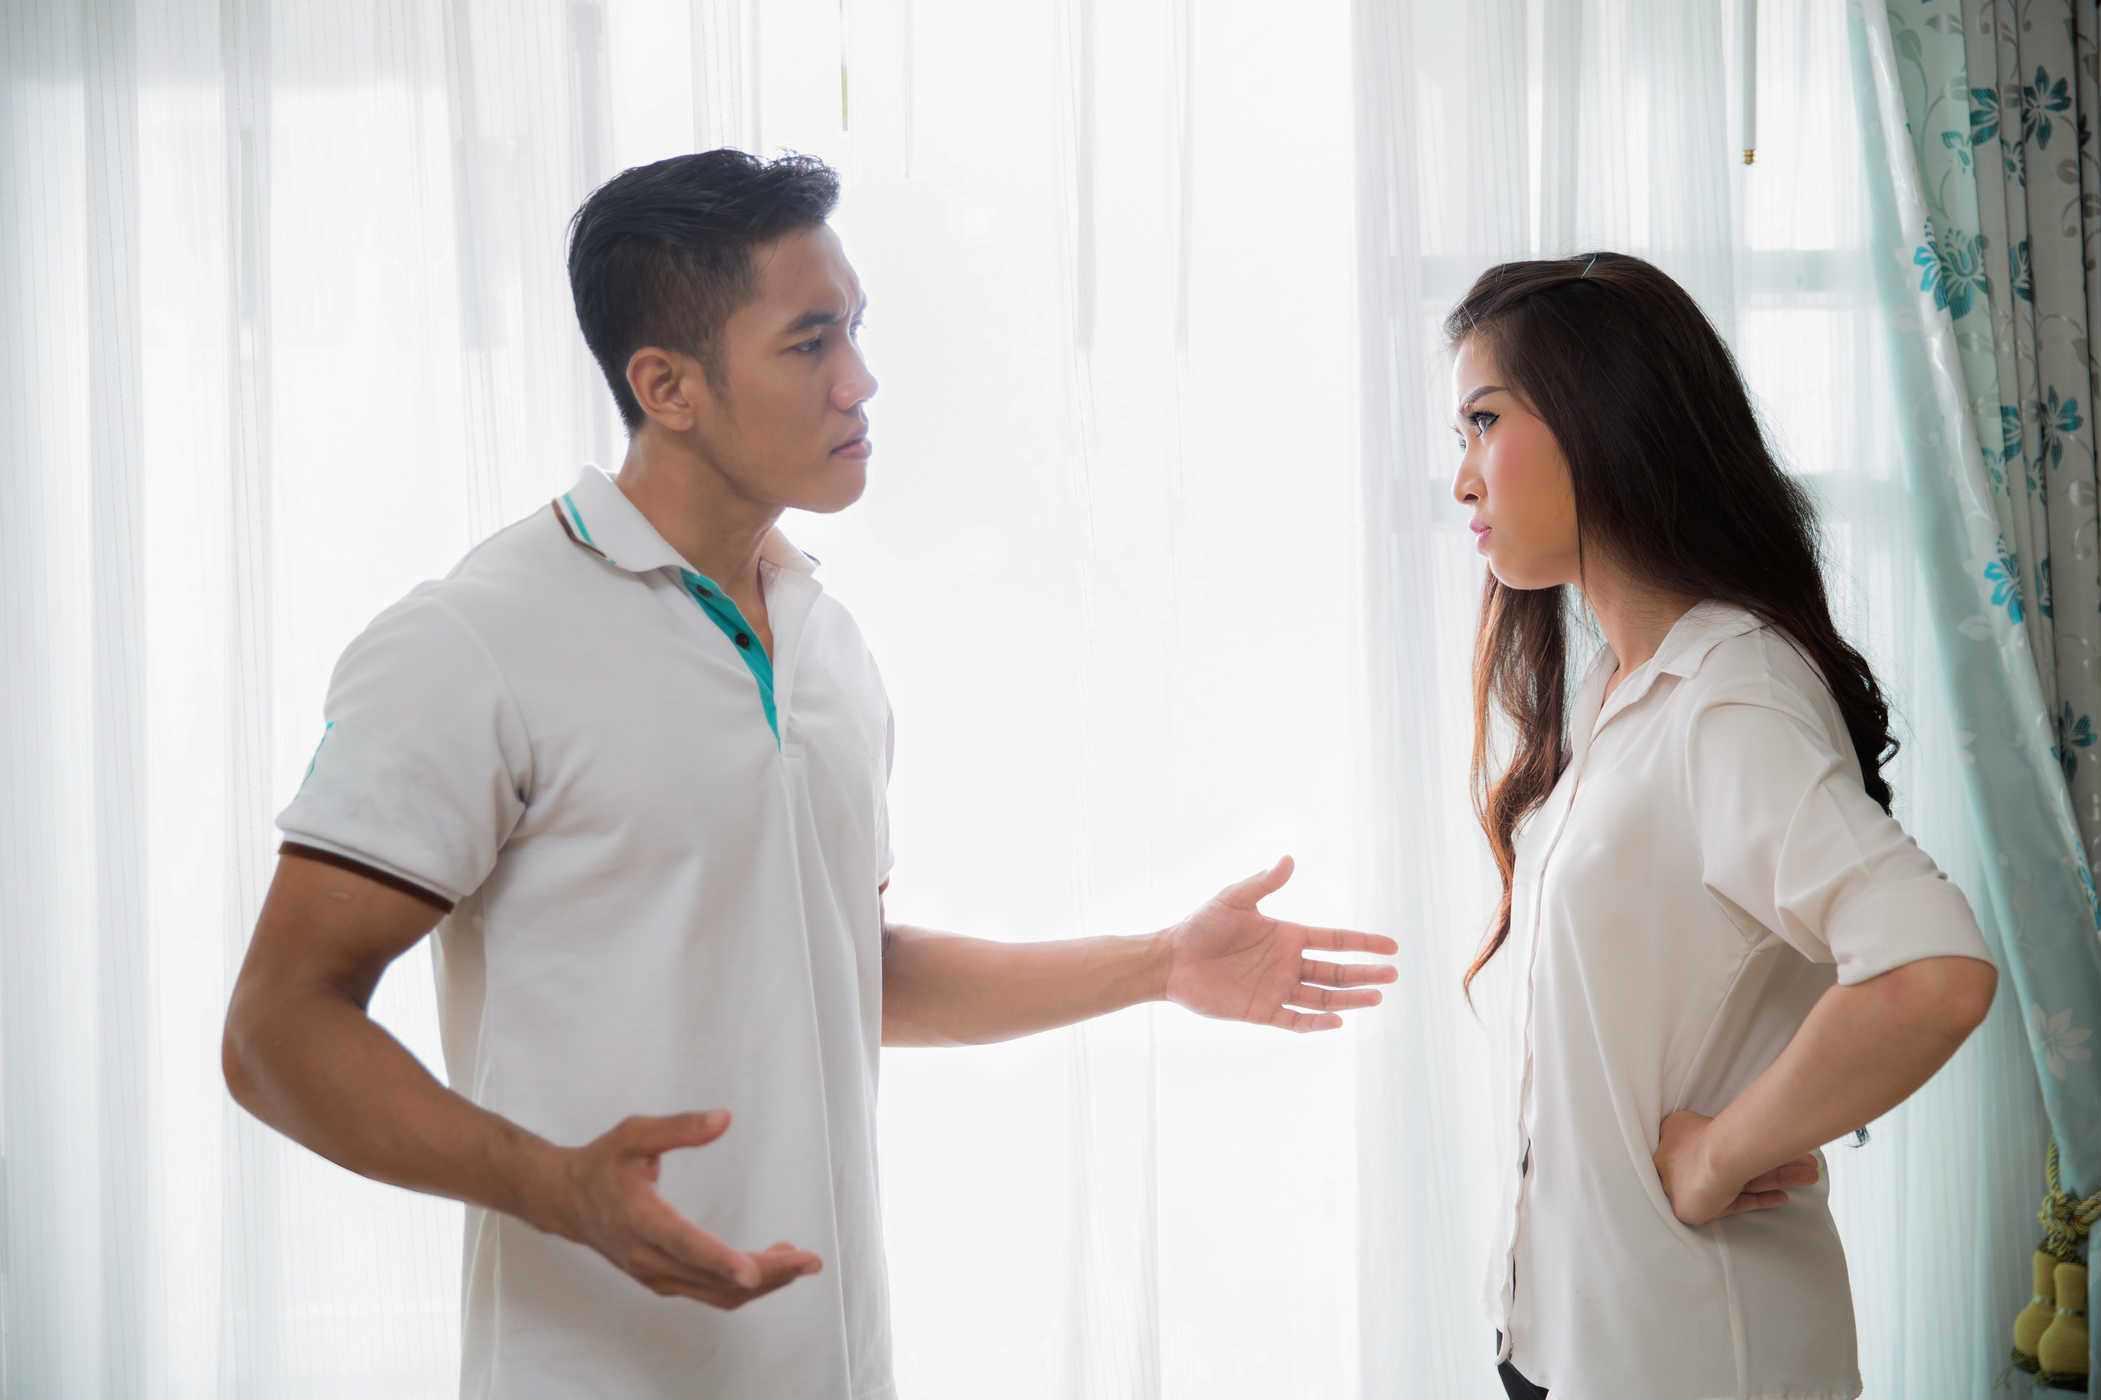 Hôn nhân: Đàn ông cần nơi chốn, đàn bà cần yêu thương